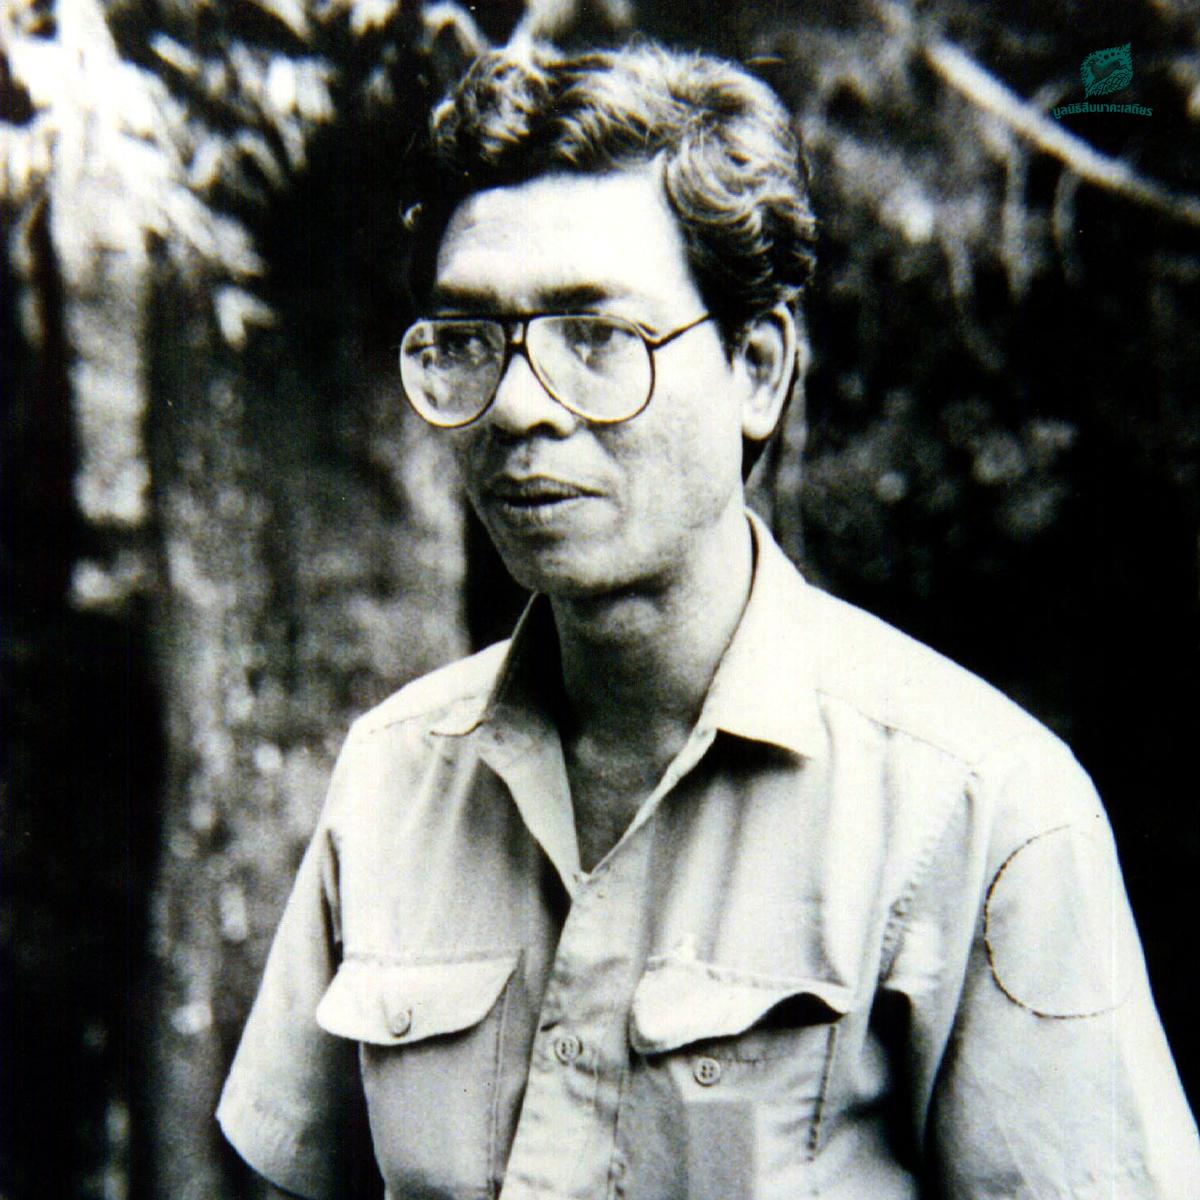 วันนี้ครบ 30 ปี 'สืบ นาคะเสถียร' จากลูกอดีตผู้ว่าฯ..สู่เส้นทางการอนุรักษ์ที่เอาชีวิตเข้าแลก